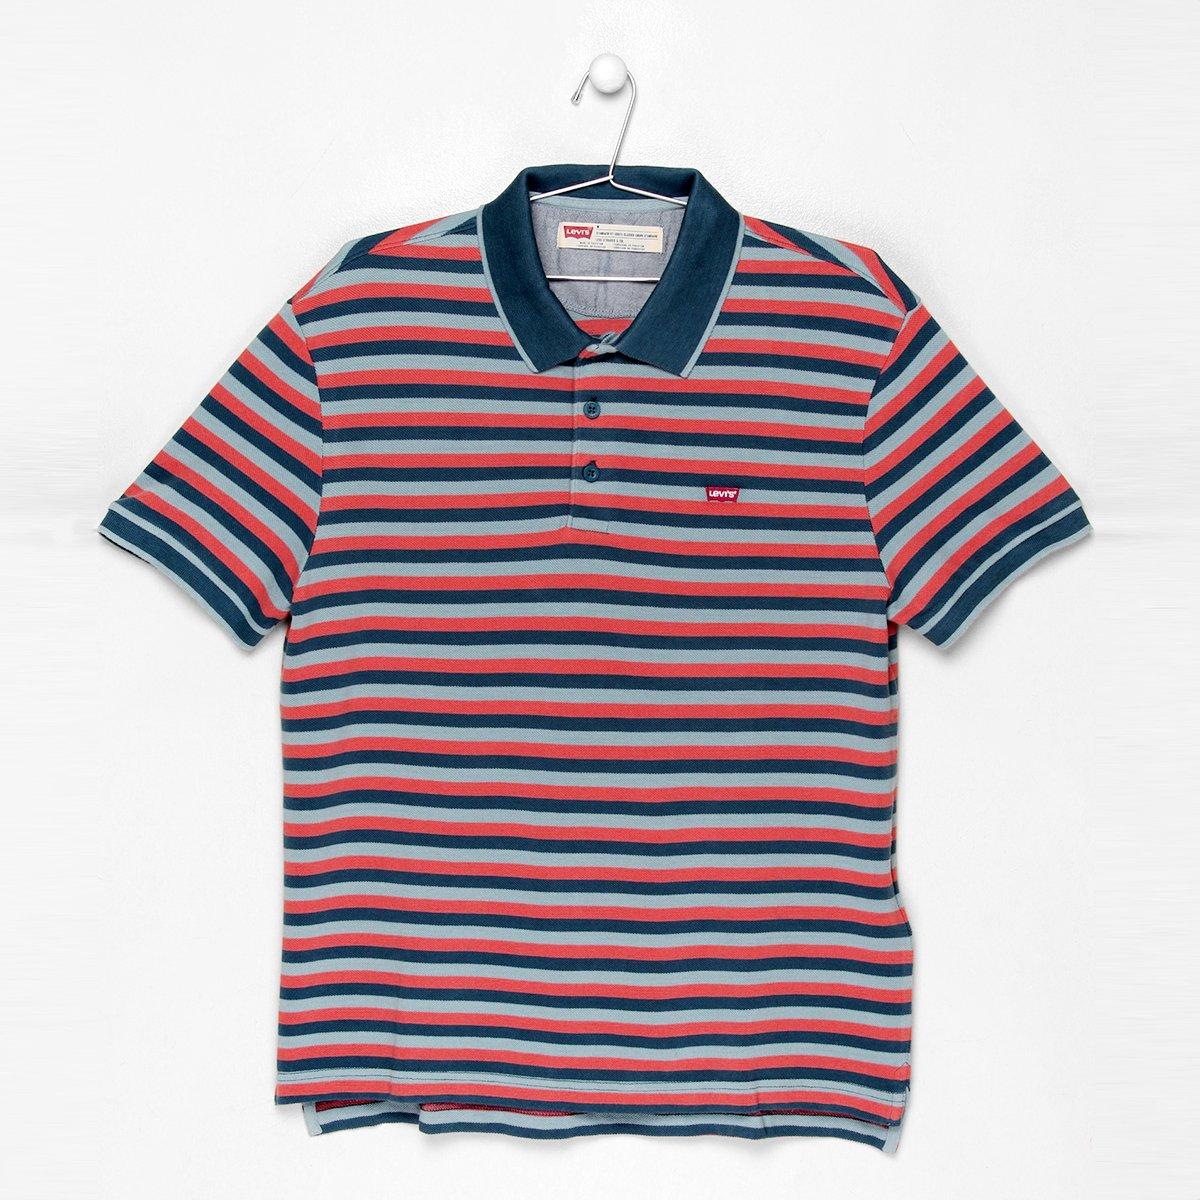 8f932b188d Camisa Polo Levi s Piquet Listras - Compre Agora